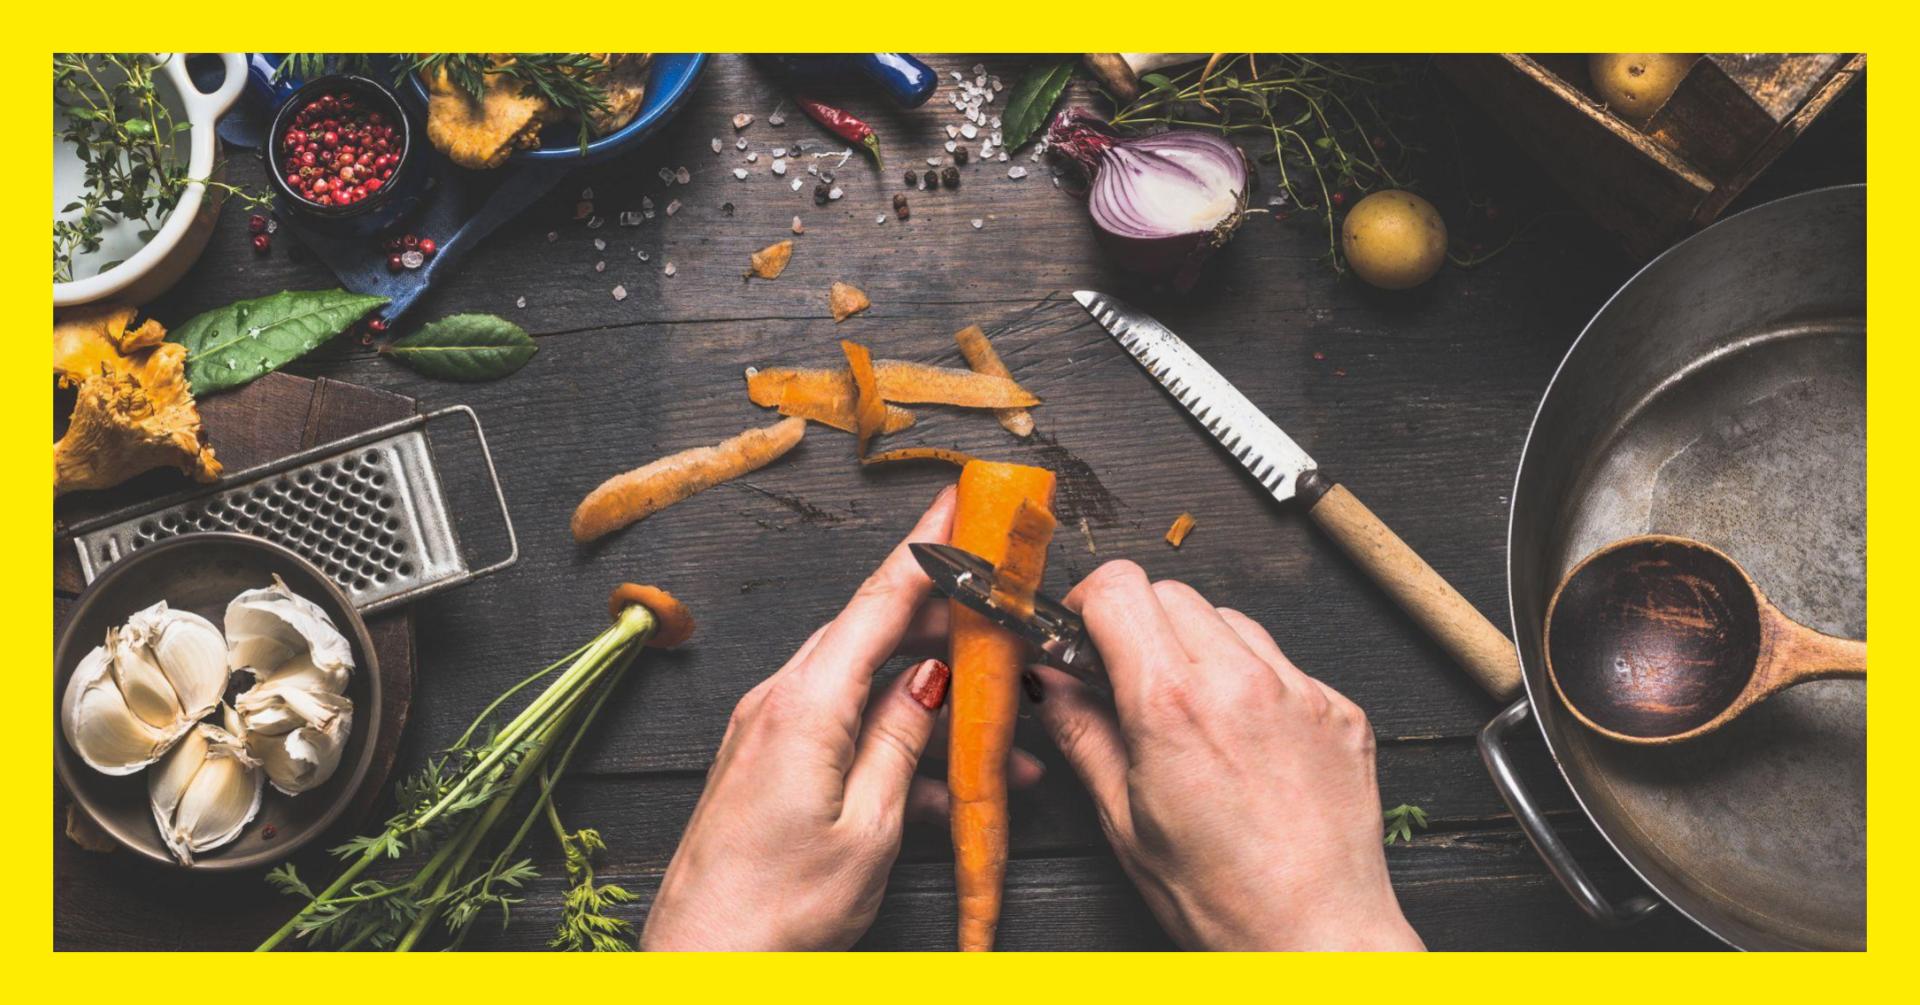 kädet kuorii porkkanaa, pöydällä vihanneksia